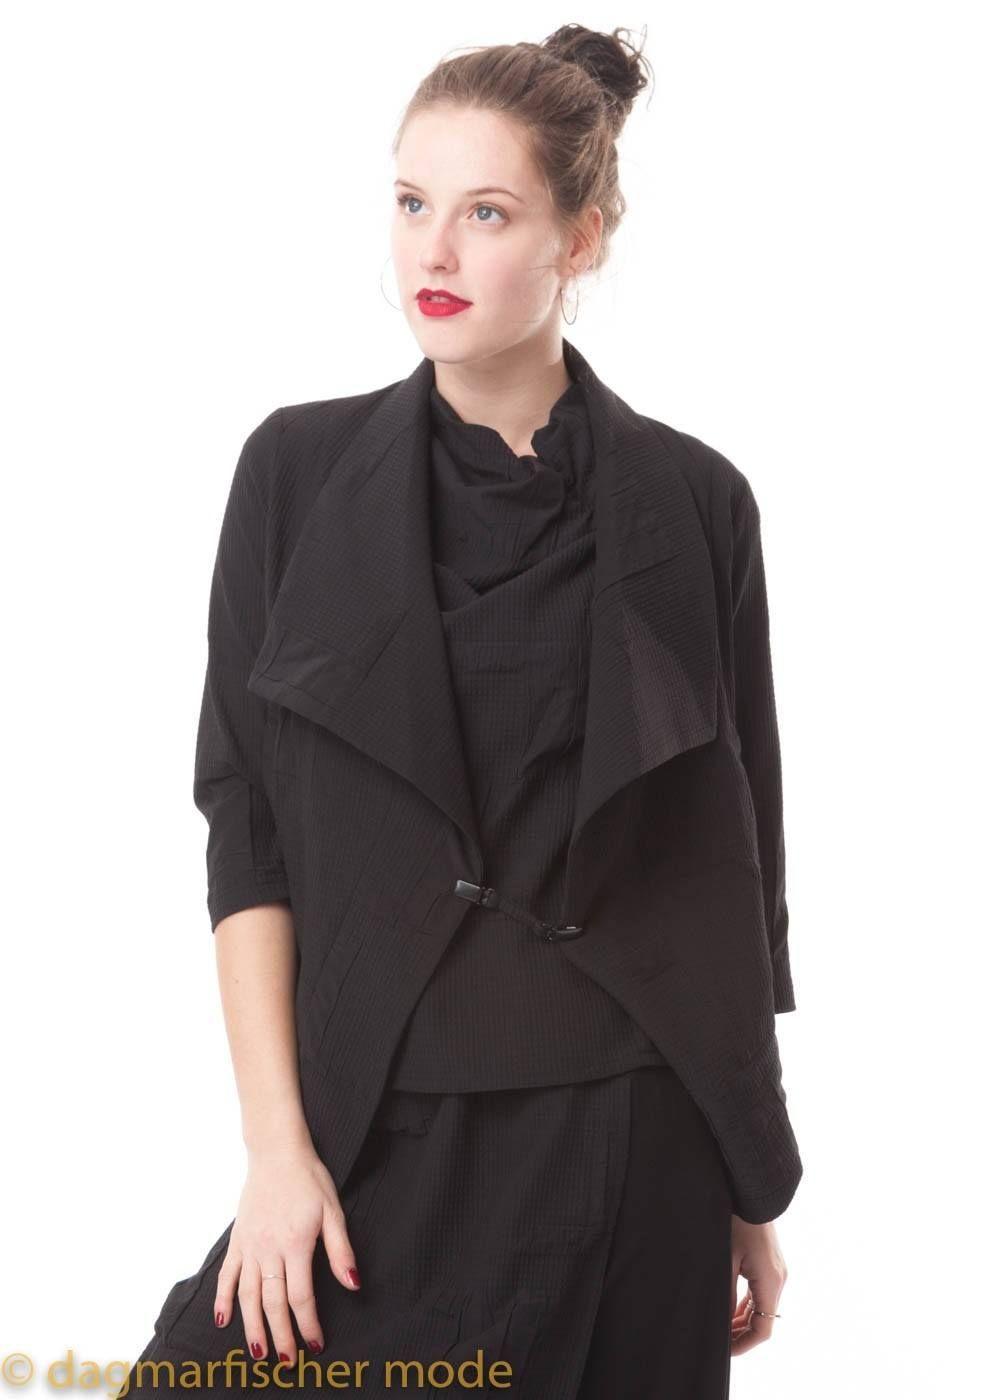 5133d13b23 Kurze Jacke Hantas von ELSEWHERE in black und stone - dagmarfischer mode |  Ausgefallene Designer Mode